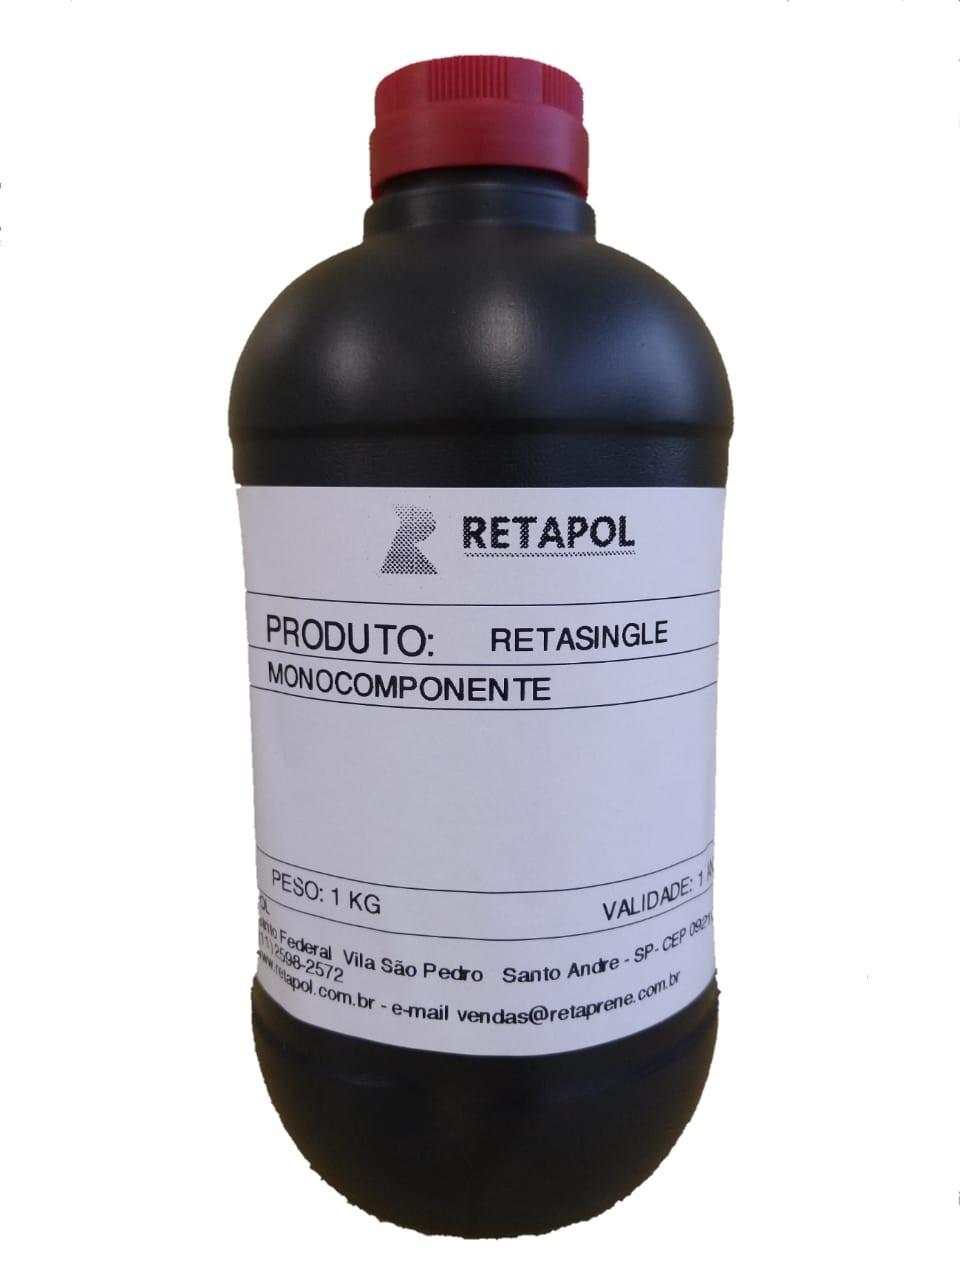 Adesivo Estrutural em Poliuretano para Madeira / MDF / Compensado Naval / Artesanato/ Papelão 1 Kg